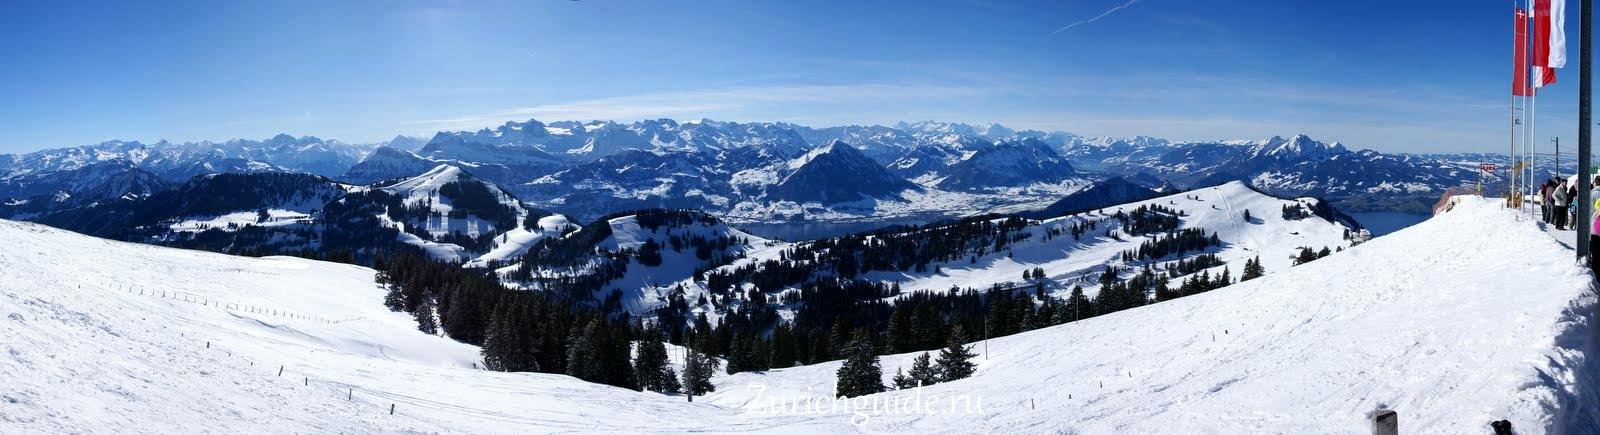 Гора Риги (Rigi), Швейцария